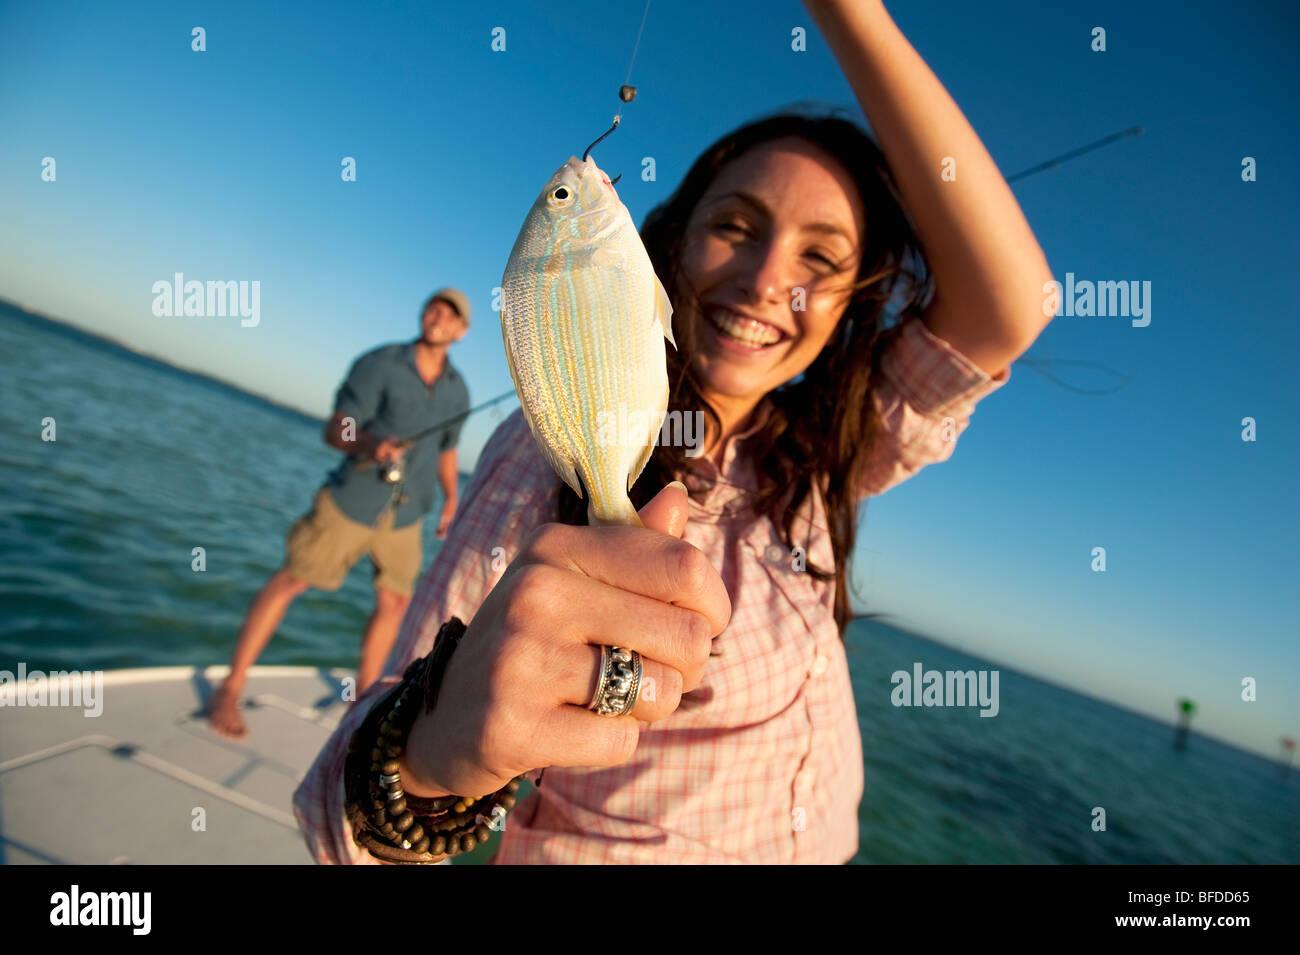 Una donna che sorride e sorregge un piccolo pesce in Florida. Immagini Stock